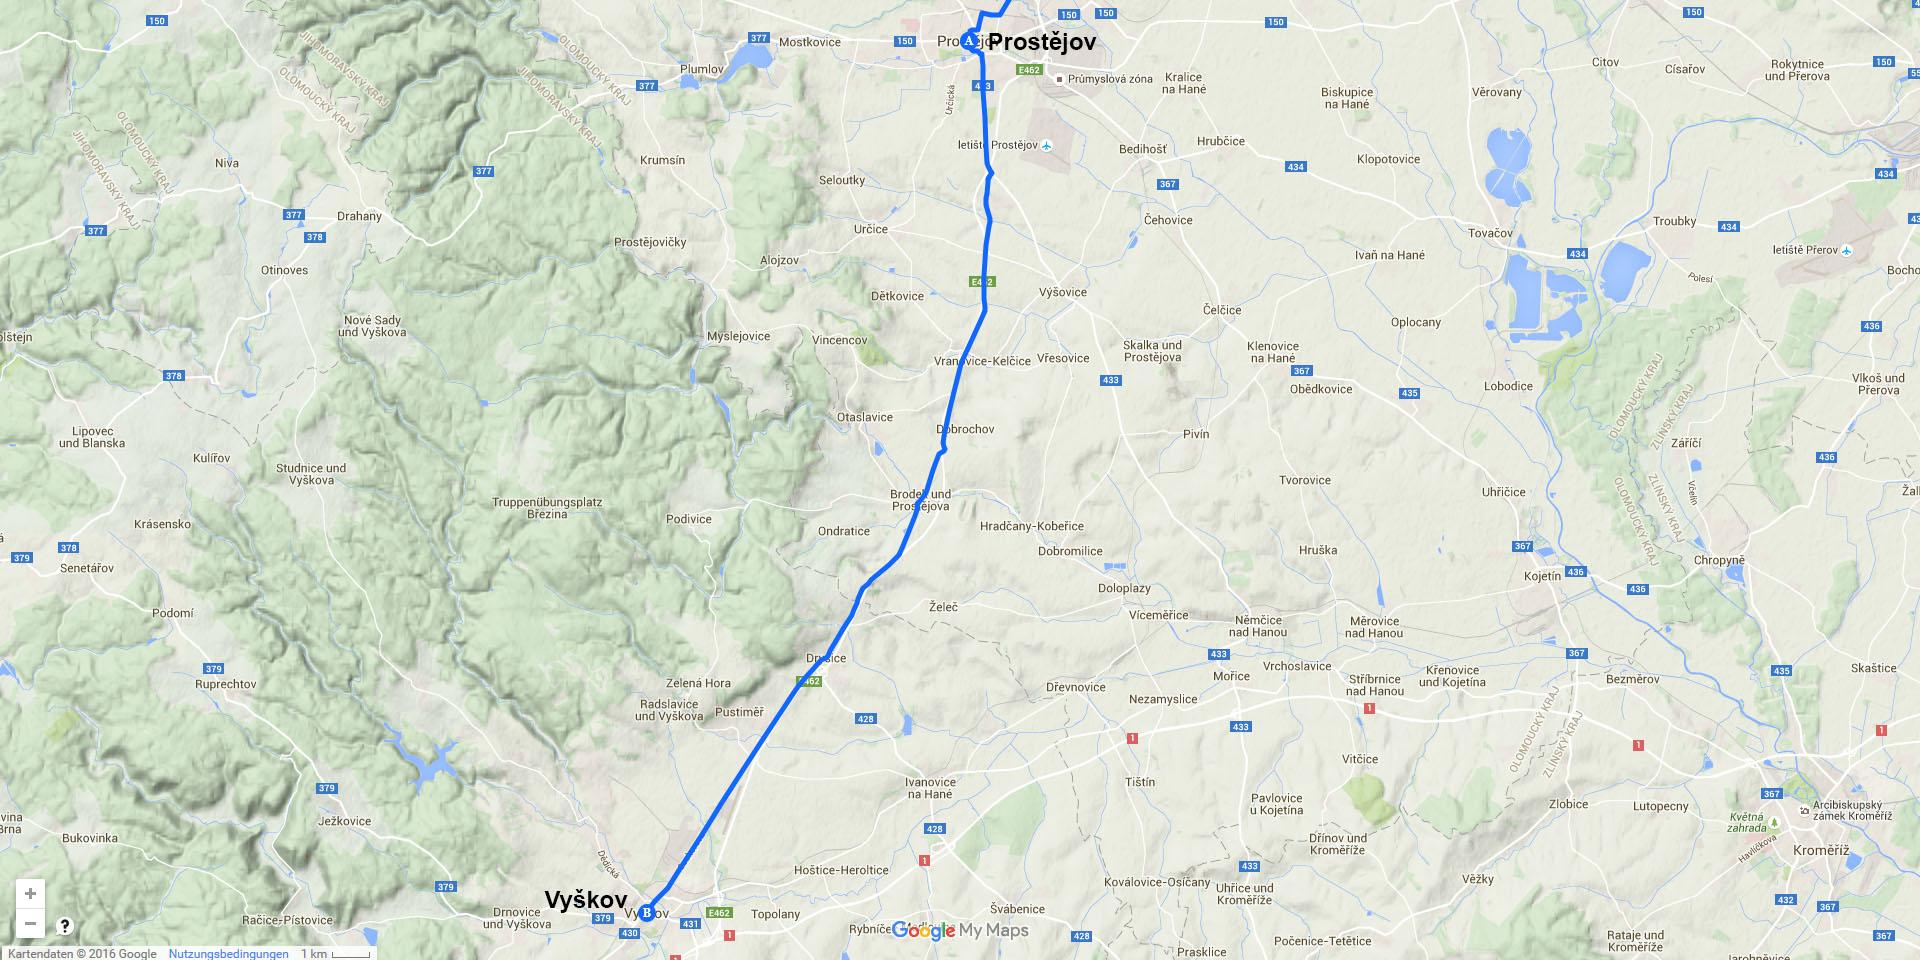 Die Tagesstrecke von Prostějov nach Vyškov (26 km)